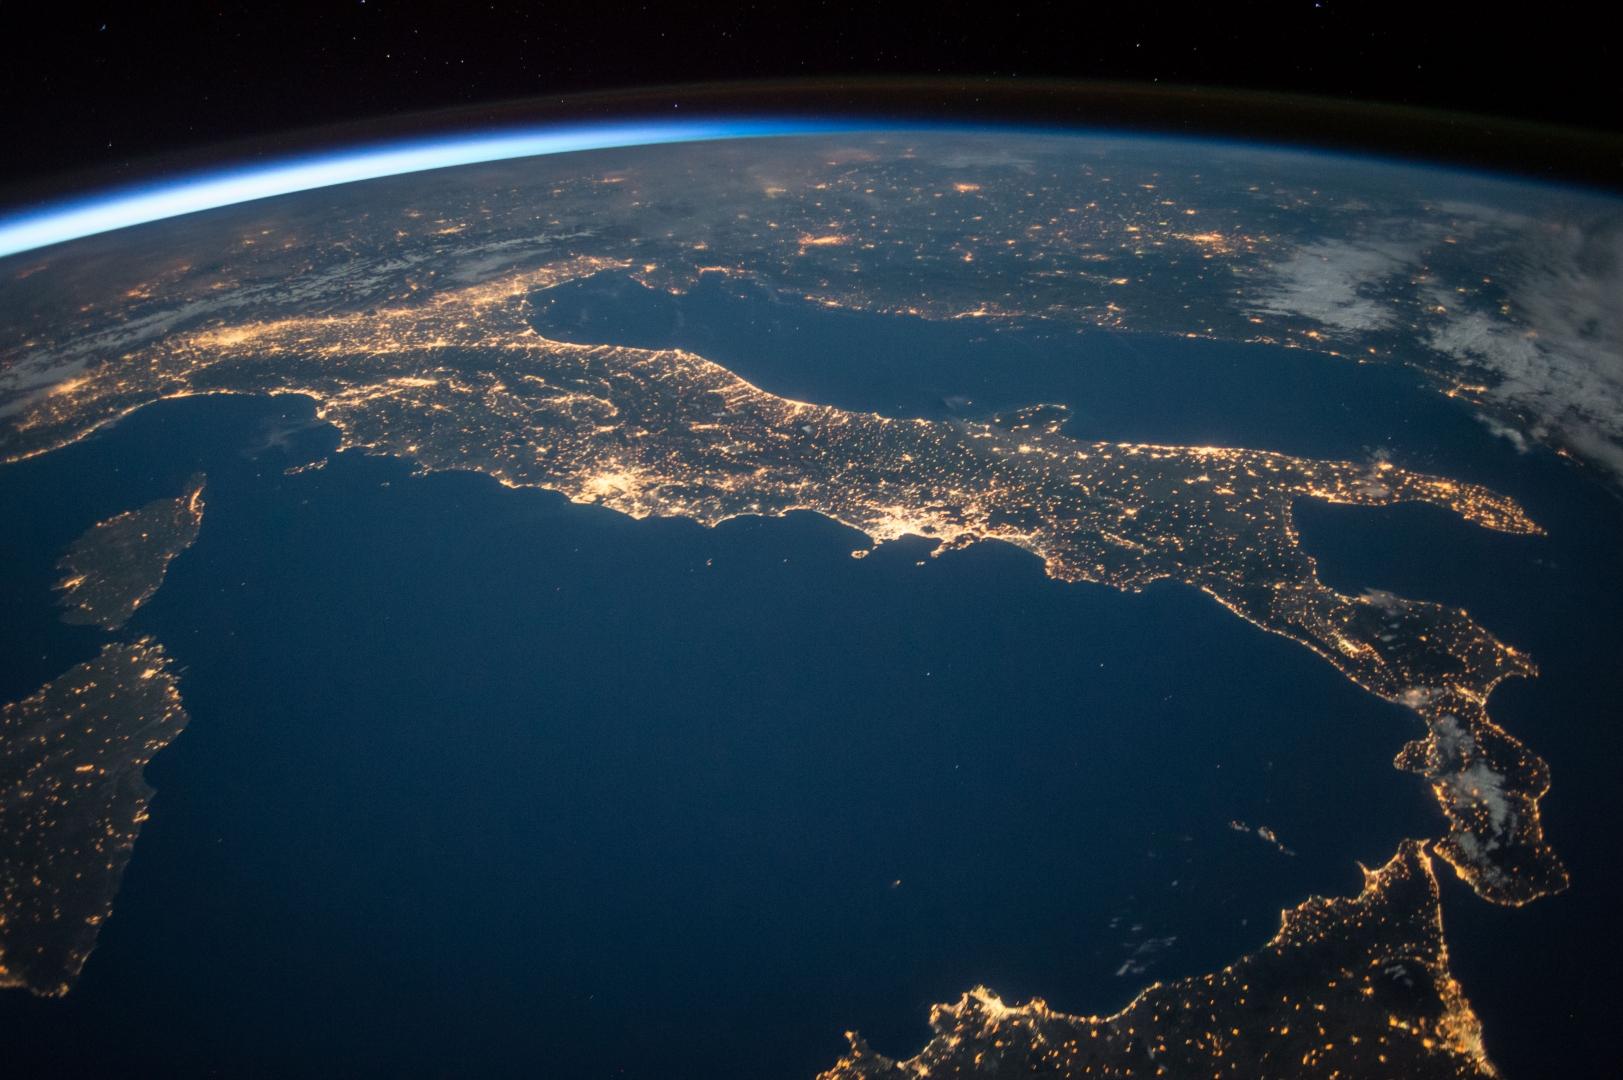 россия из космоса фото высокого разрешения варианты ношения